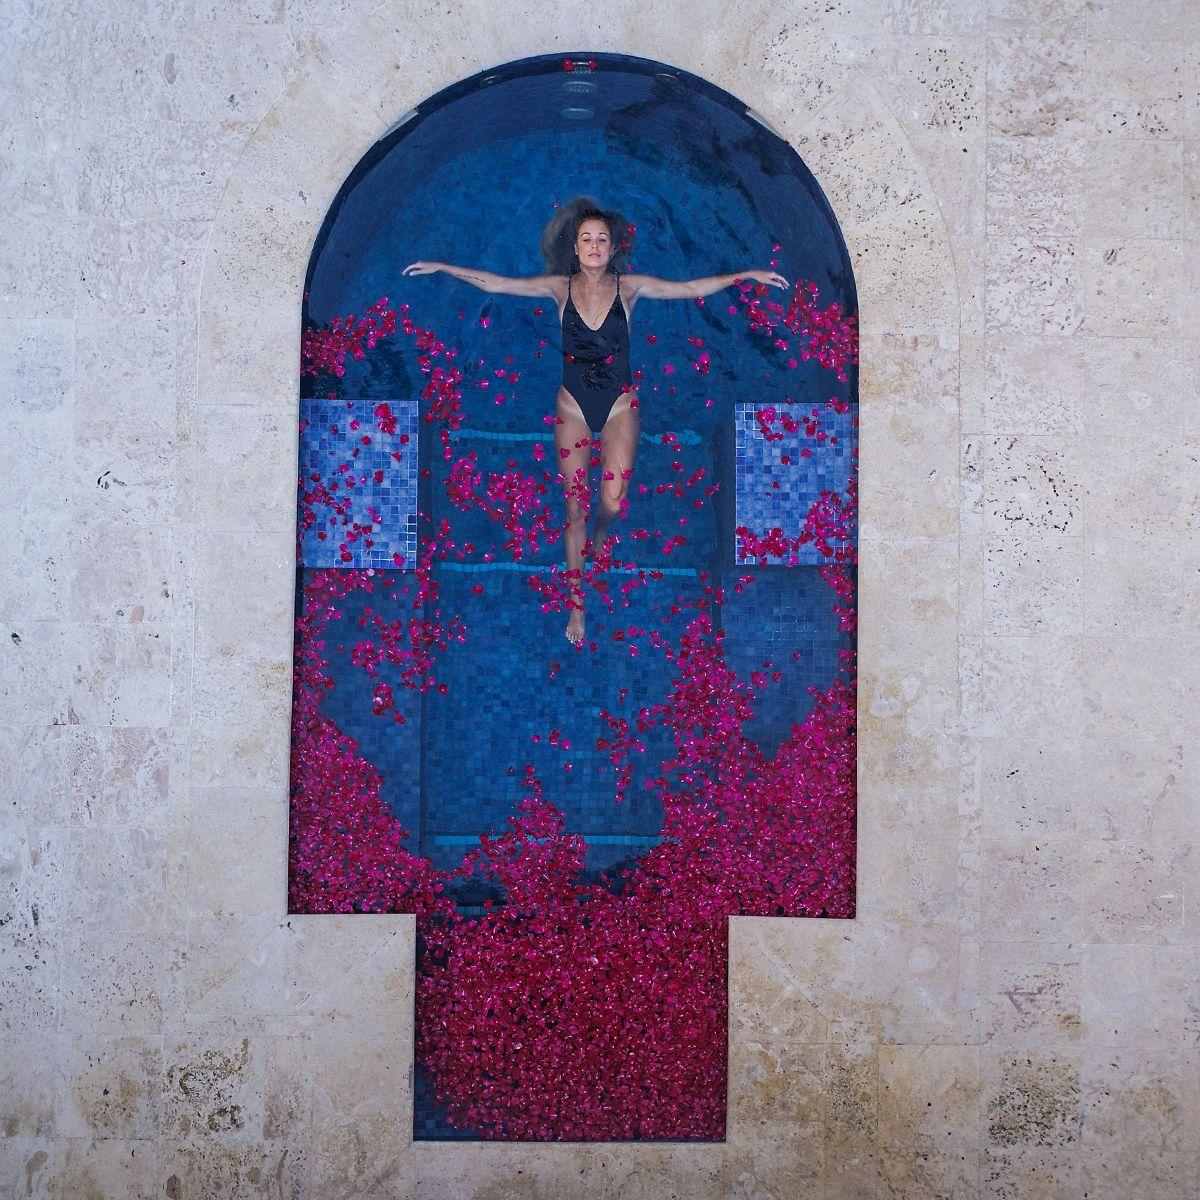 El mejor spa de Punta Cana según la influencer The Blonde Vagabond